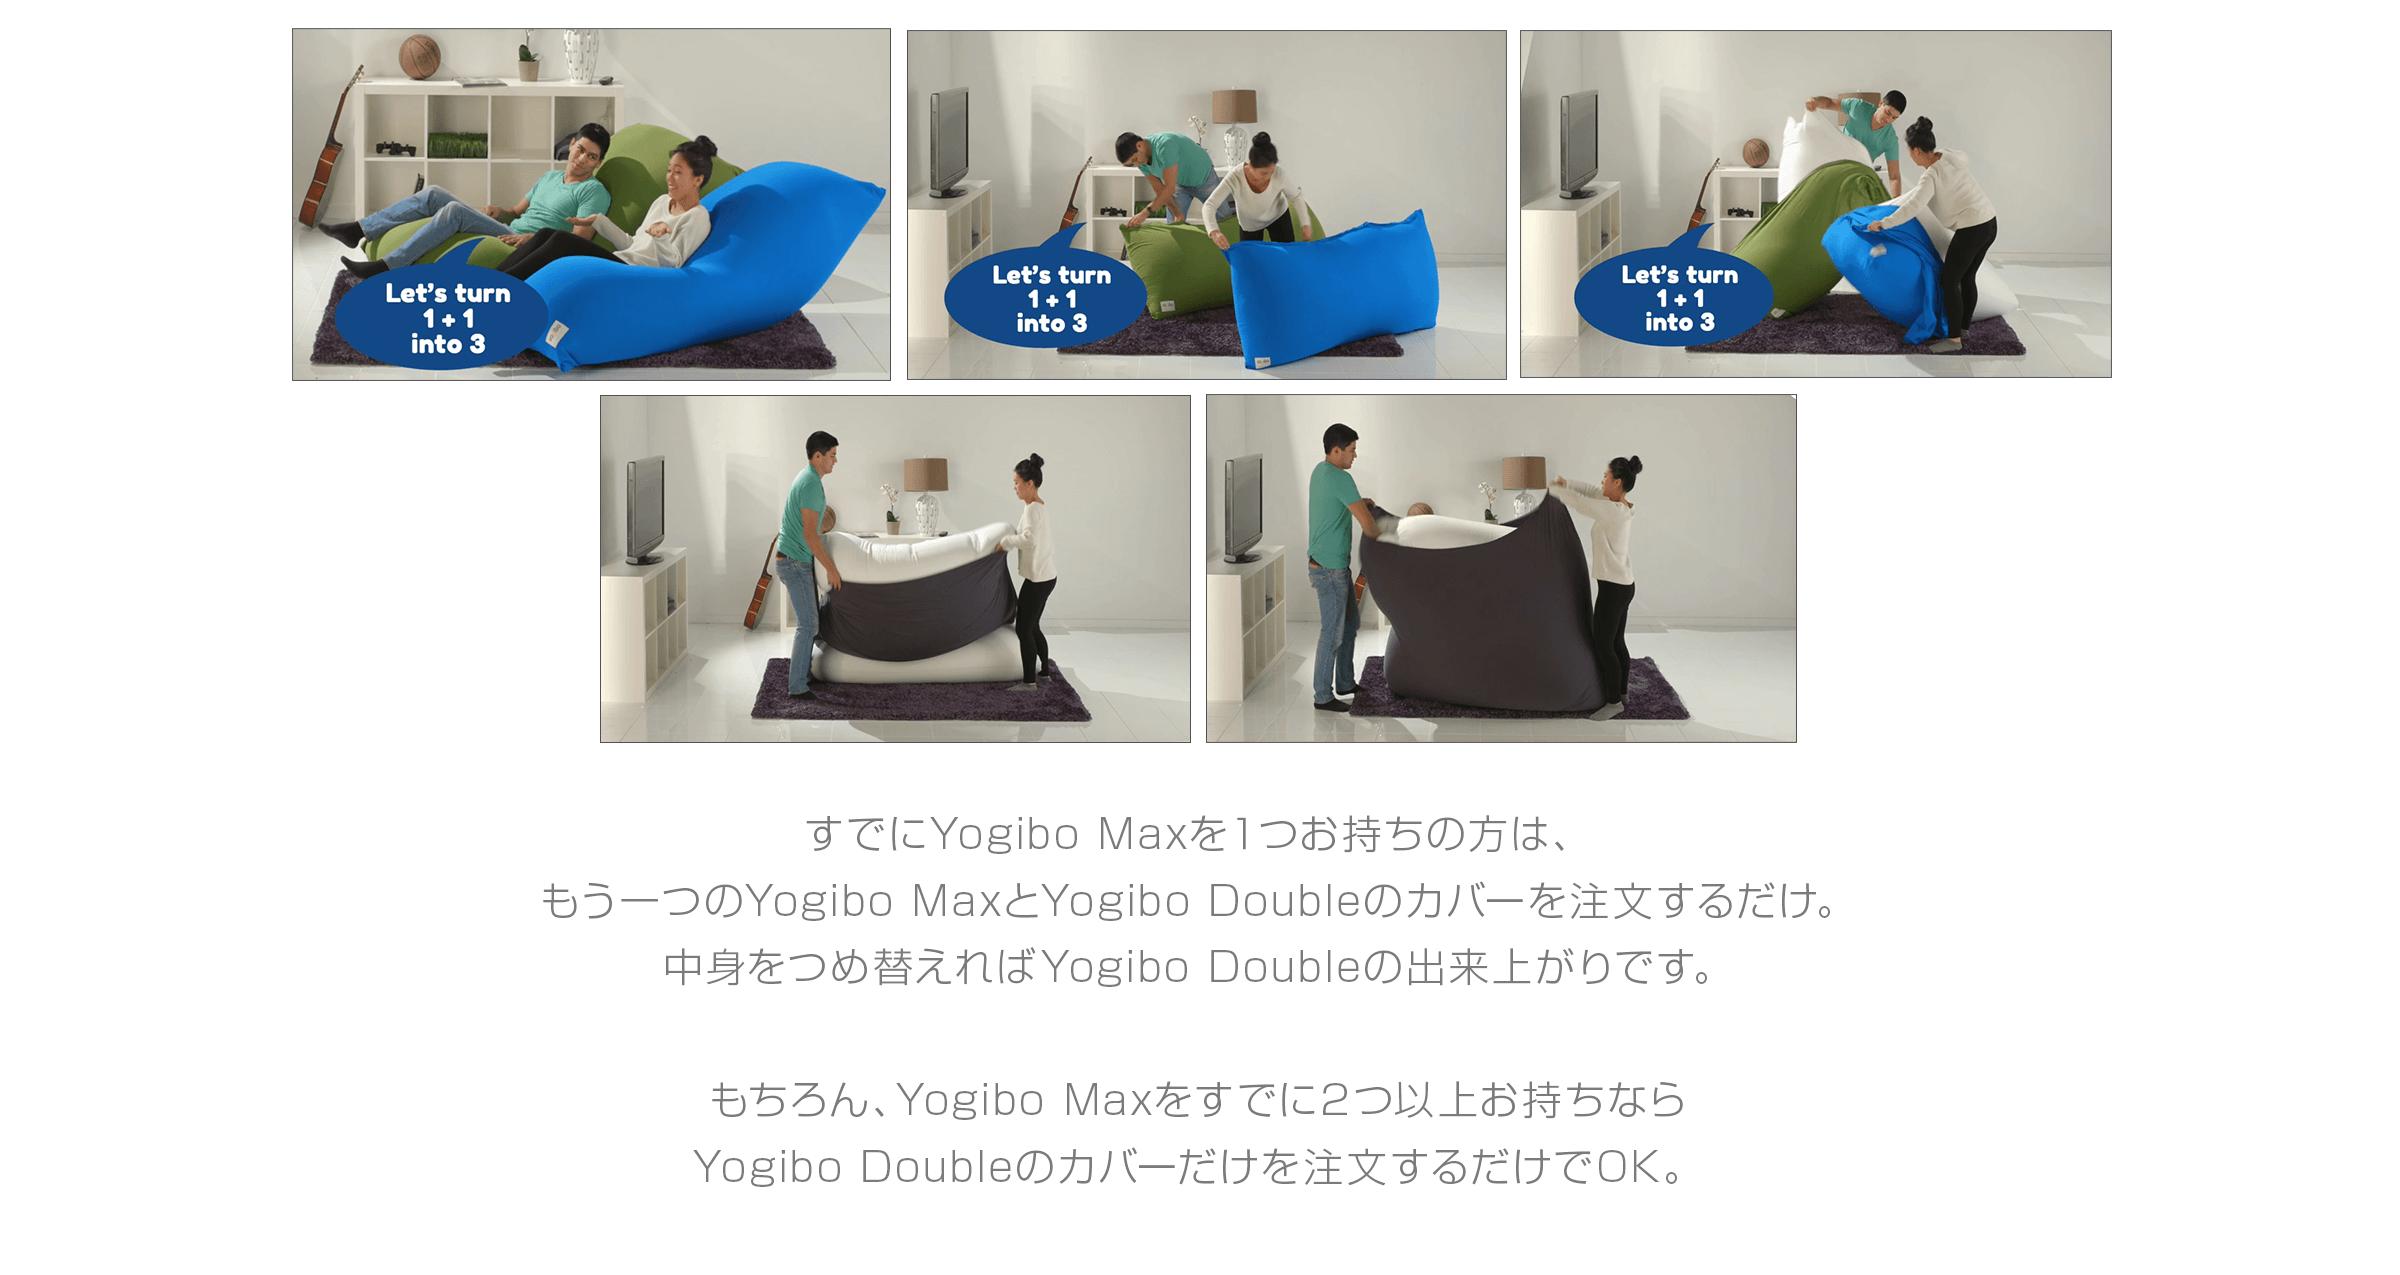 すでにYogibo Maxを1つお持ちの方は、 もう一つのYogibo Maxと Yogibo Doubleのカバーを注文するだけ。  中身をつめ替えればYogibo Doubleの 出来上がりです。  もちろん、Yogibo Maxを すでに2つ以上お持ちなら Yogibo Doubleのカバーだけを 注文するだけでOK。